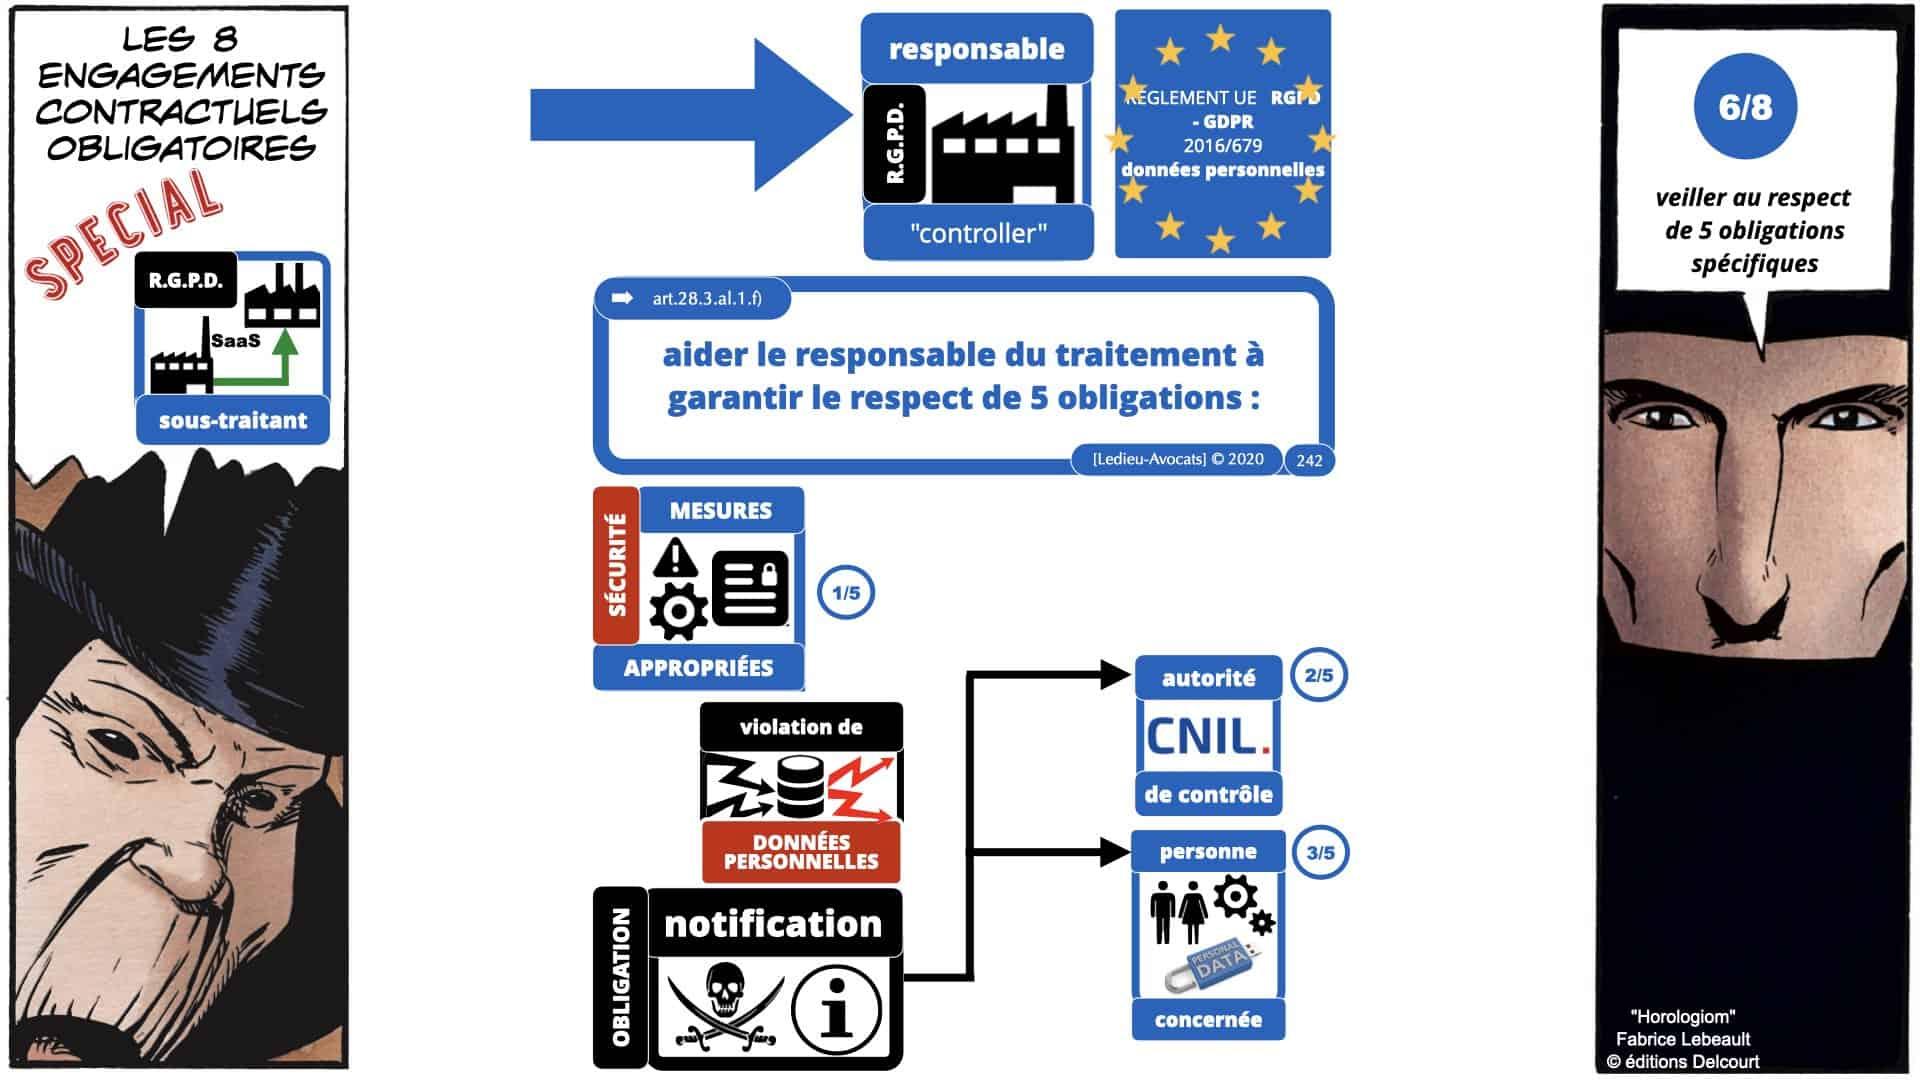 RGPD e-Privacy données personnelles jurisprudence formation Lamy Les Echos 10-02-2021 ©Ledieu-Avocats.242